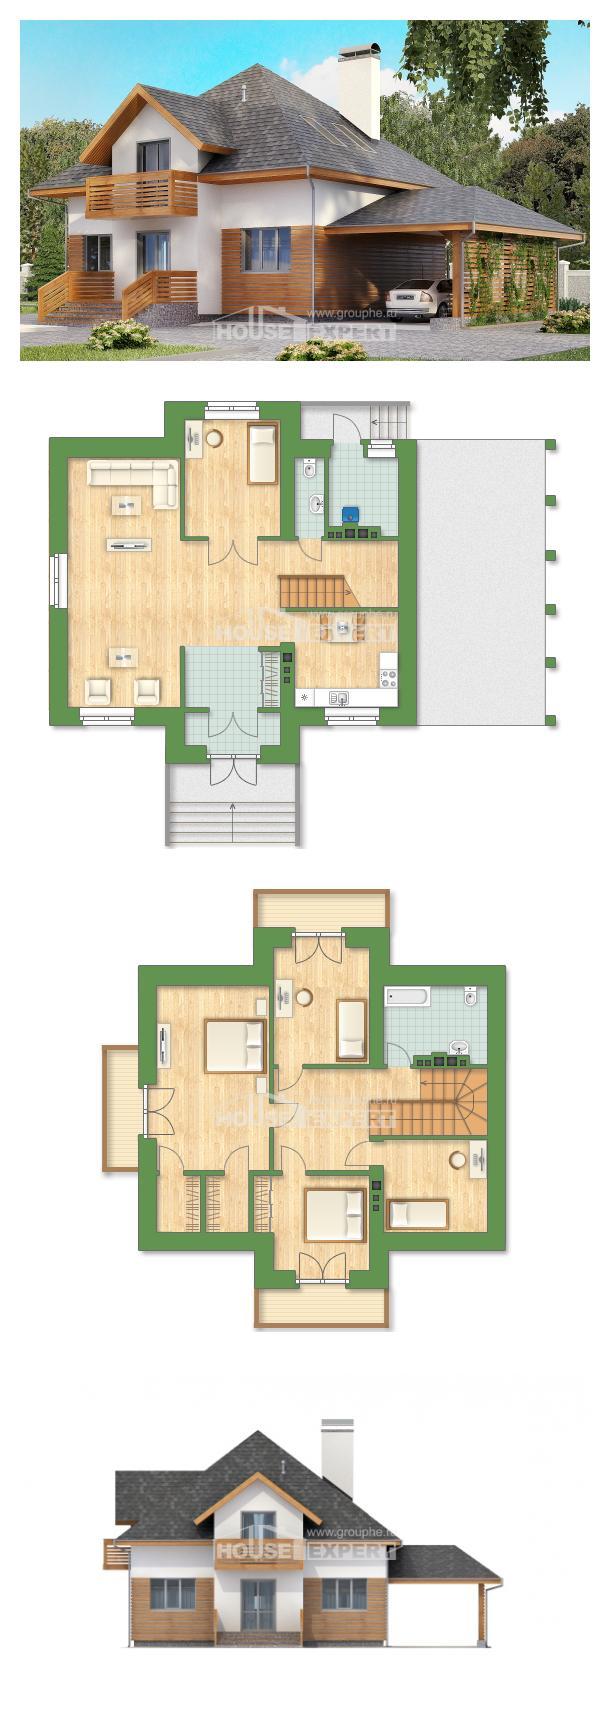 房子的设计 155-004-R | House Expert